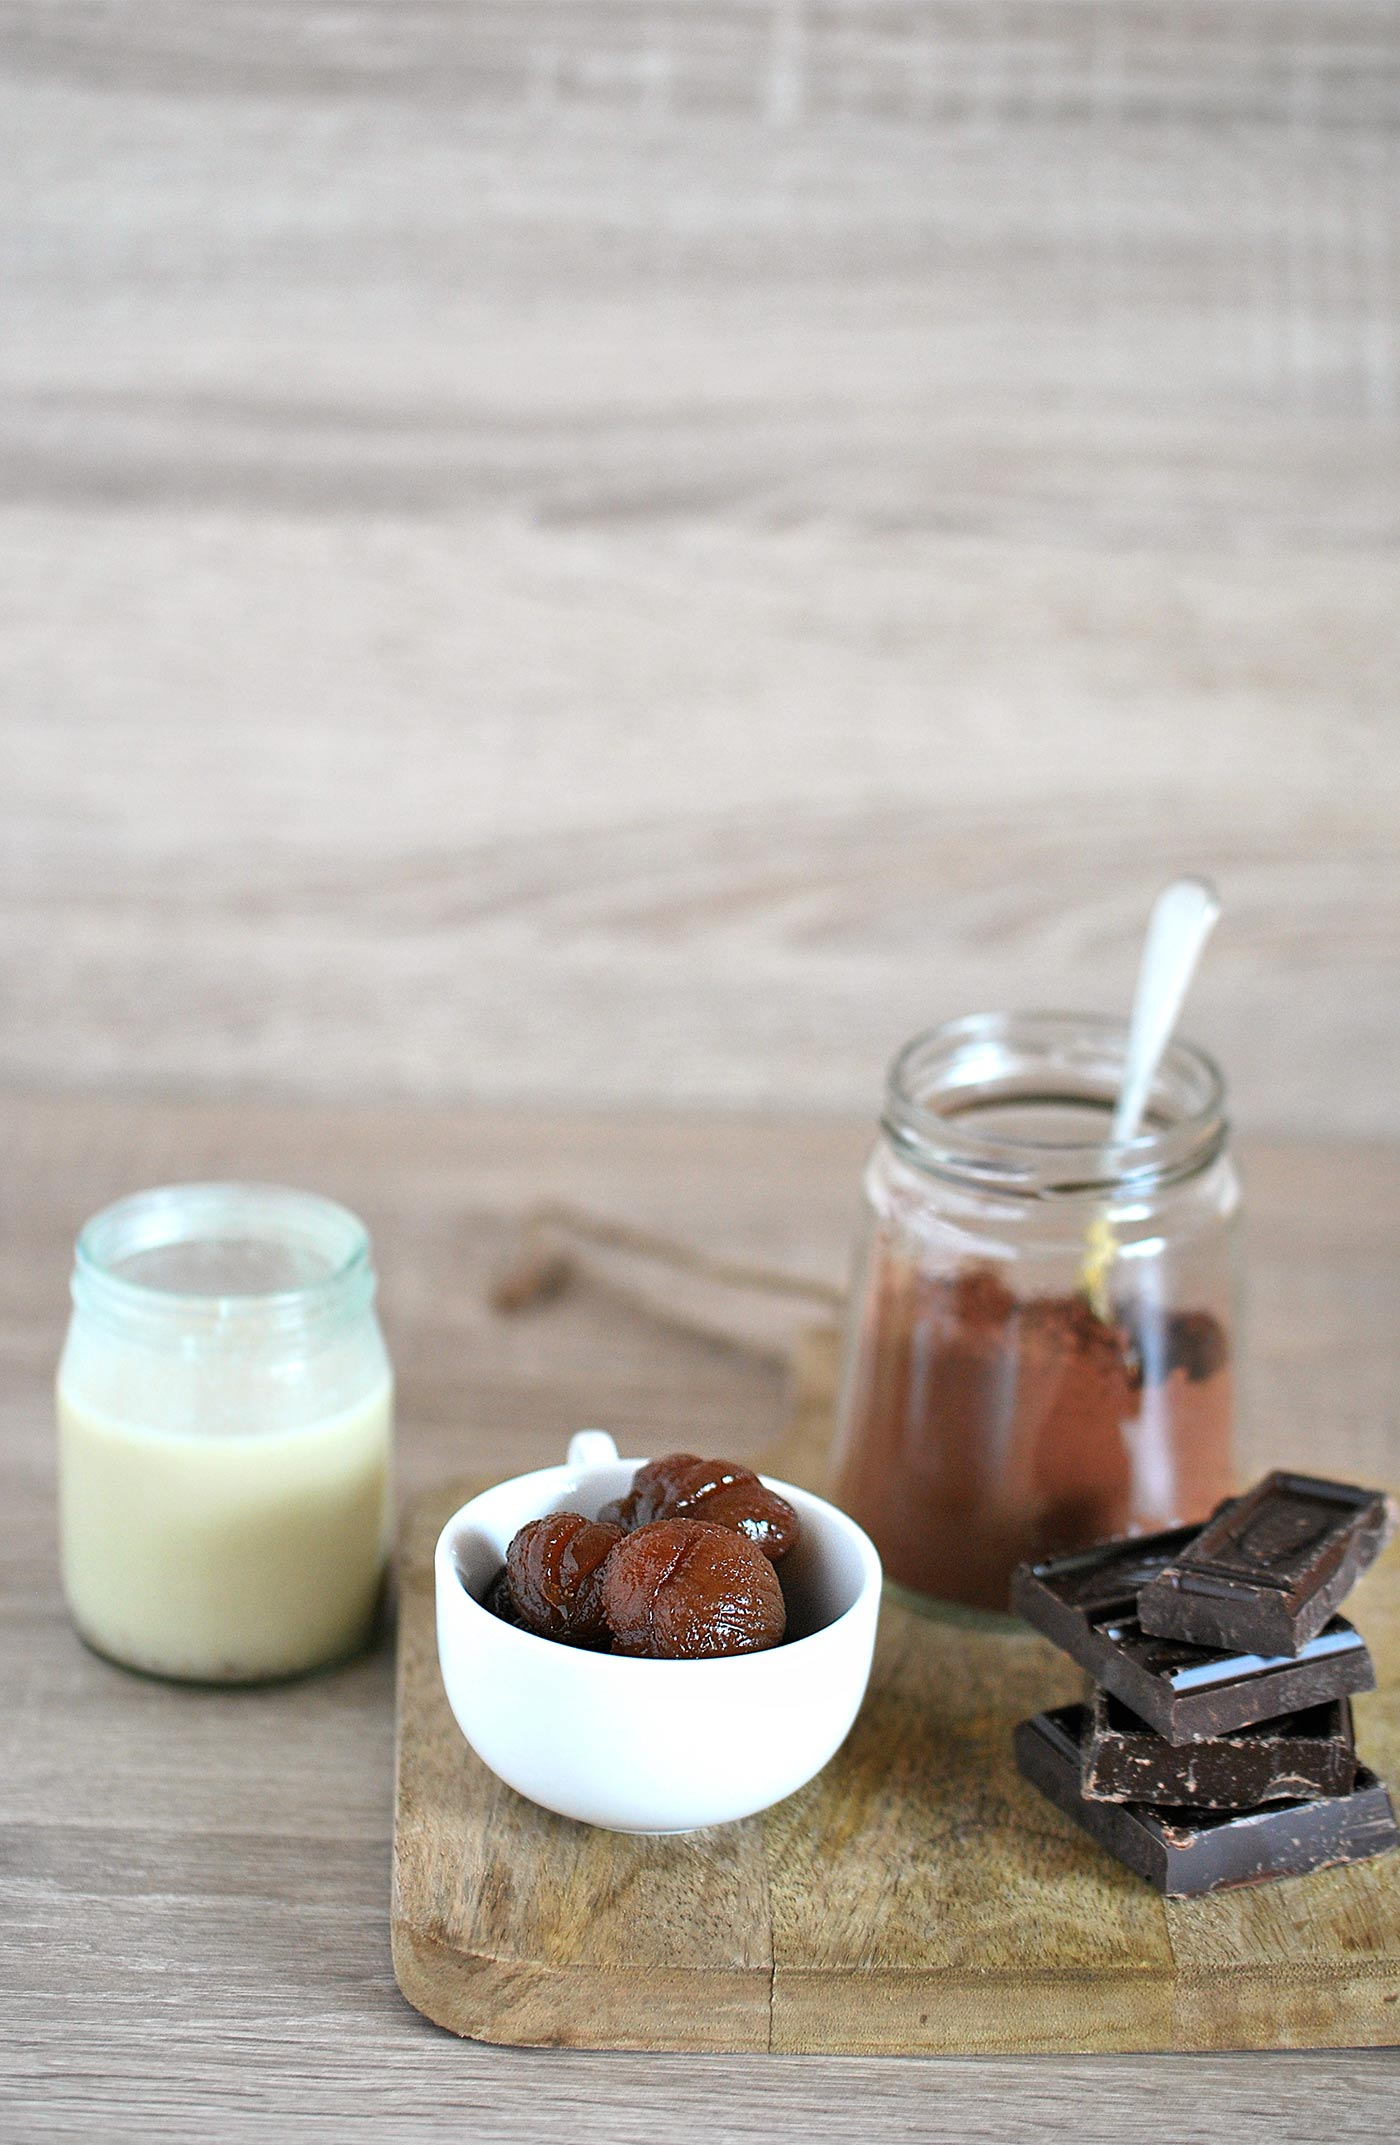 La ricetta dei marron glace mignon ha pochissimi ingredienti.